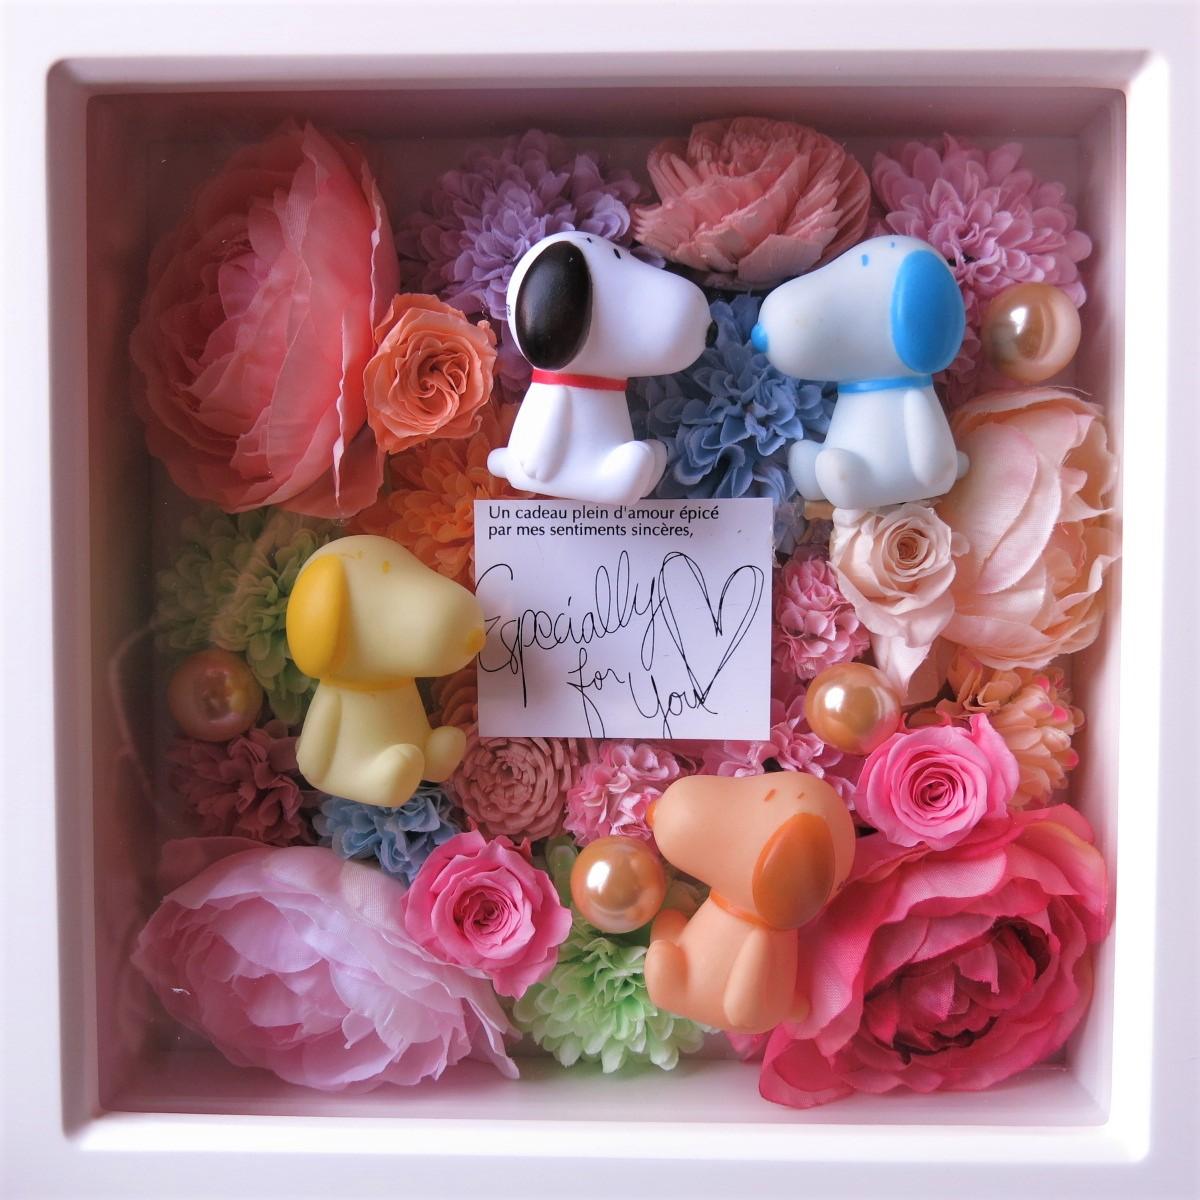 母の日プレゼント スヌーピー マスコット入り 花 プリザーブドフラワー入り 壁掛け カラフルフラワー